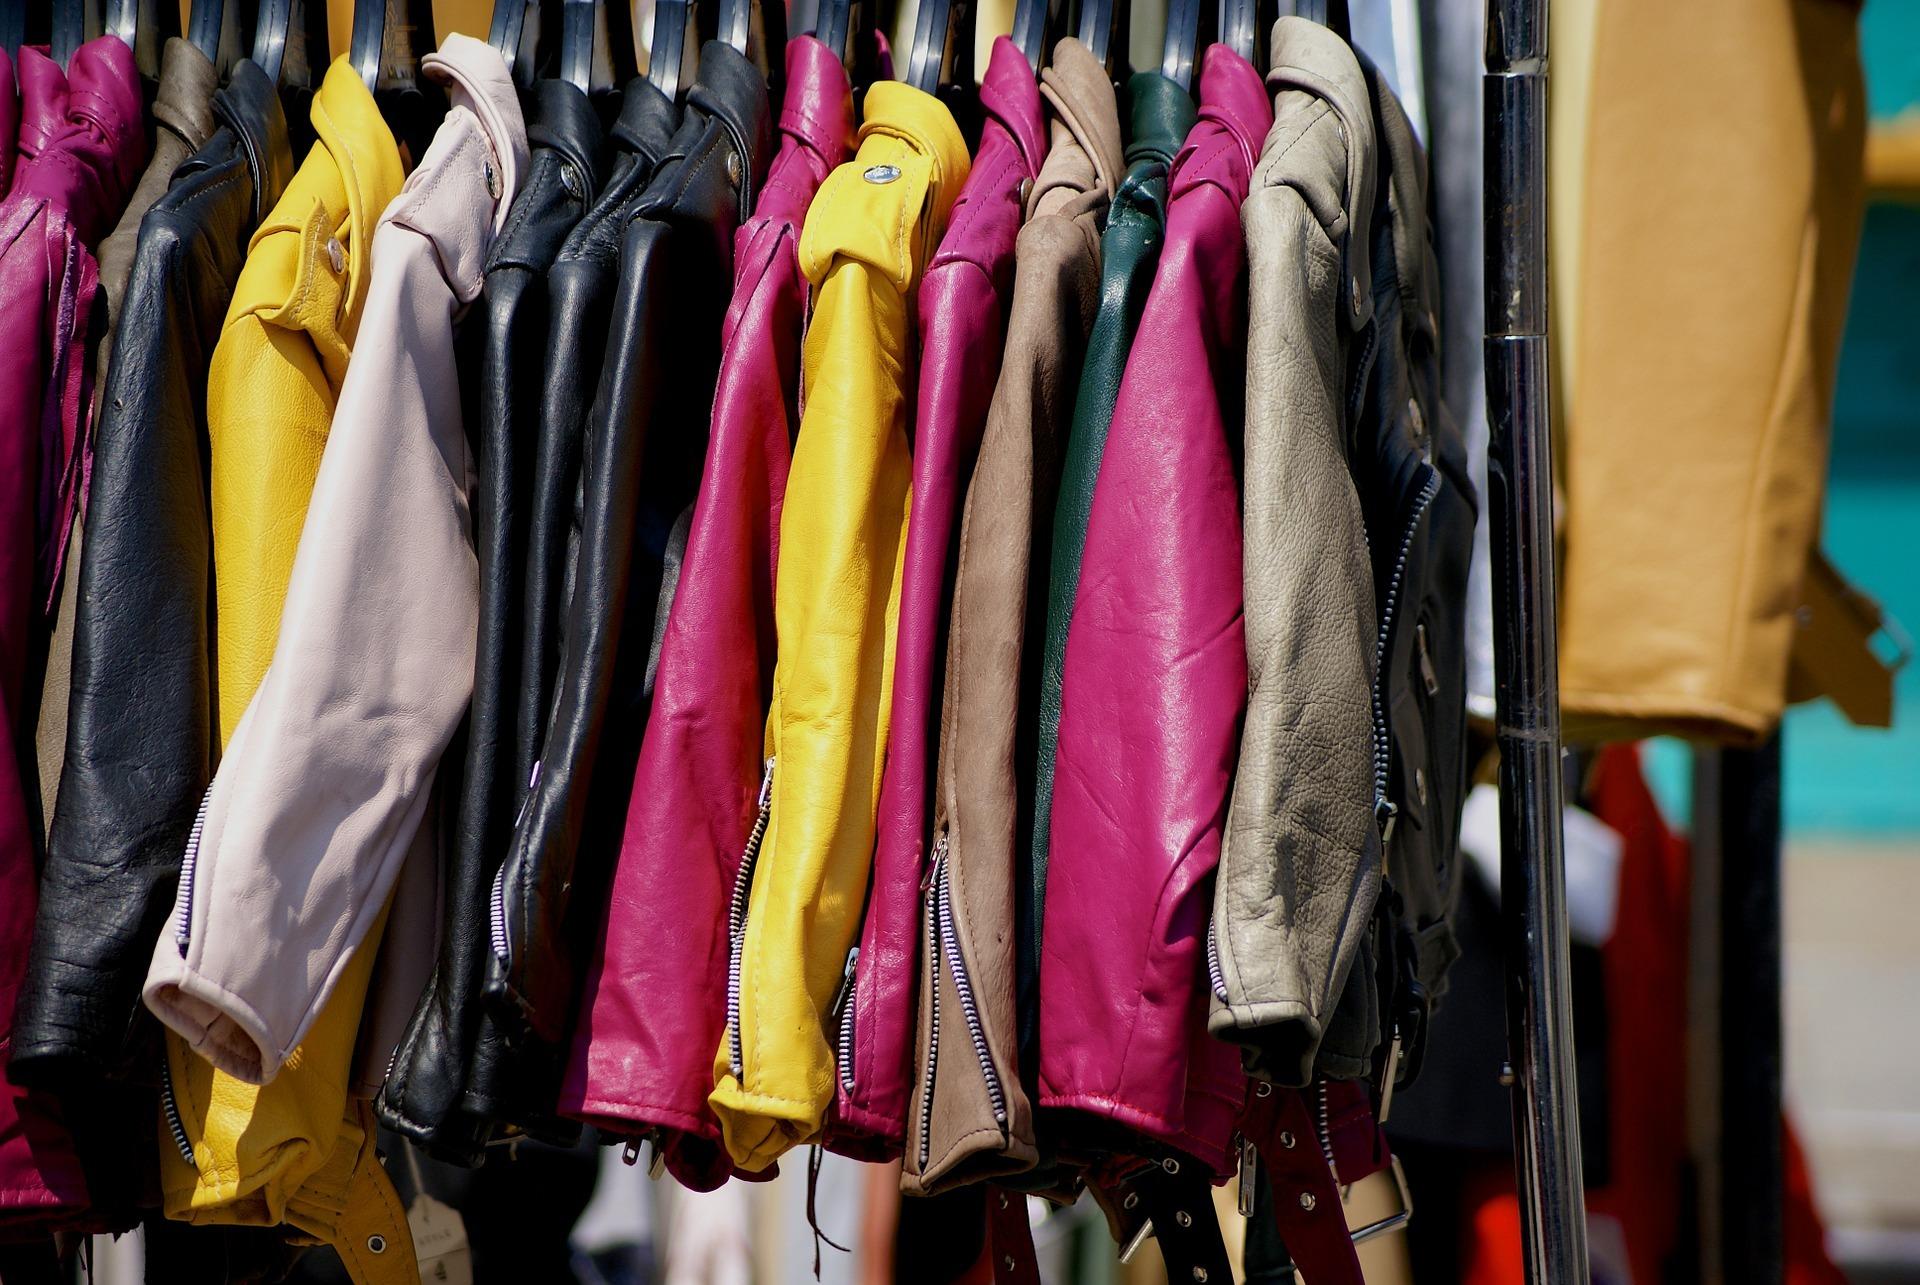 Flohmarkt Kleidung gebraucht kaufen auf meinegeschichten.de